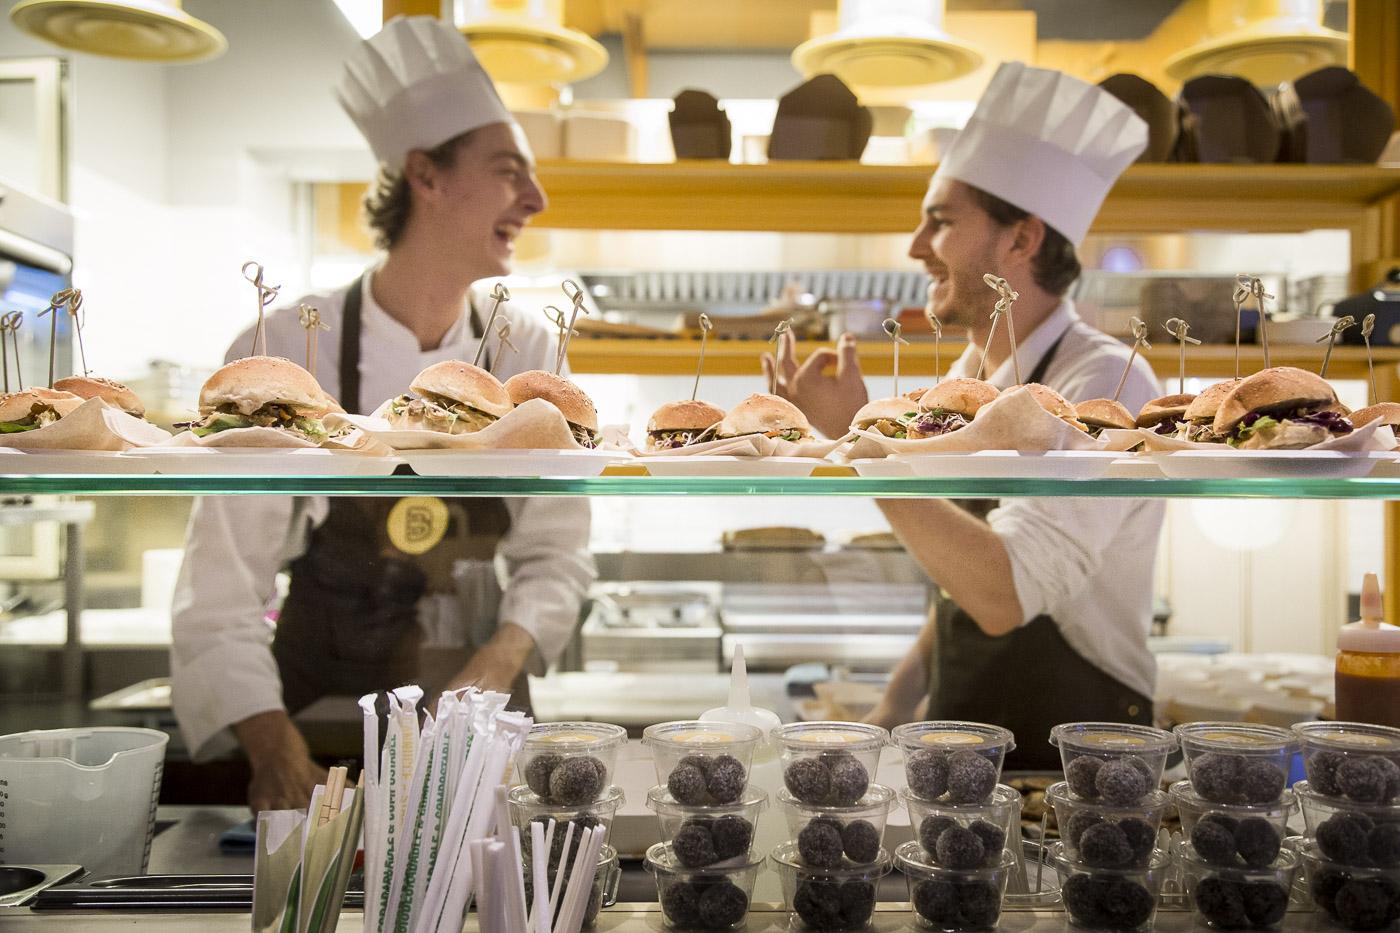 Banco: Il fast food 100% naturale fa a Roma il bis